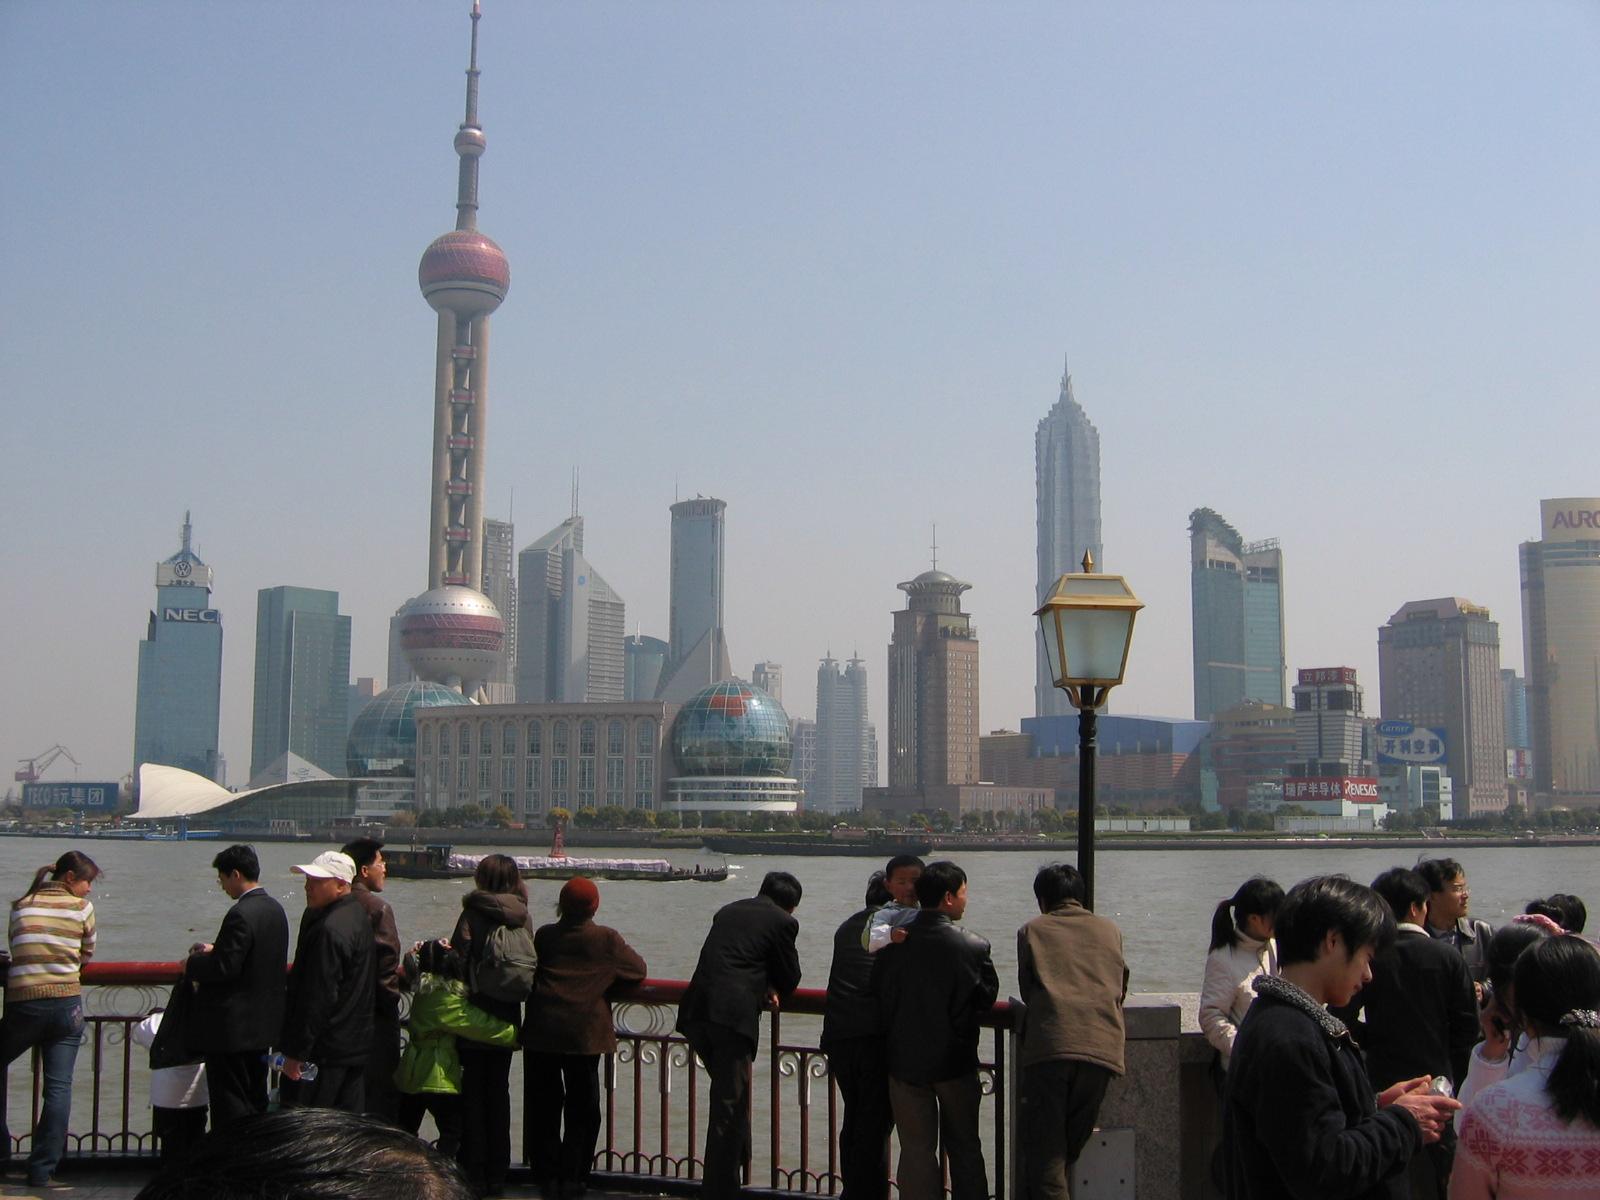 Pudong mit dem Oriental Pearl Tower, vom Bund aus gesehen